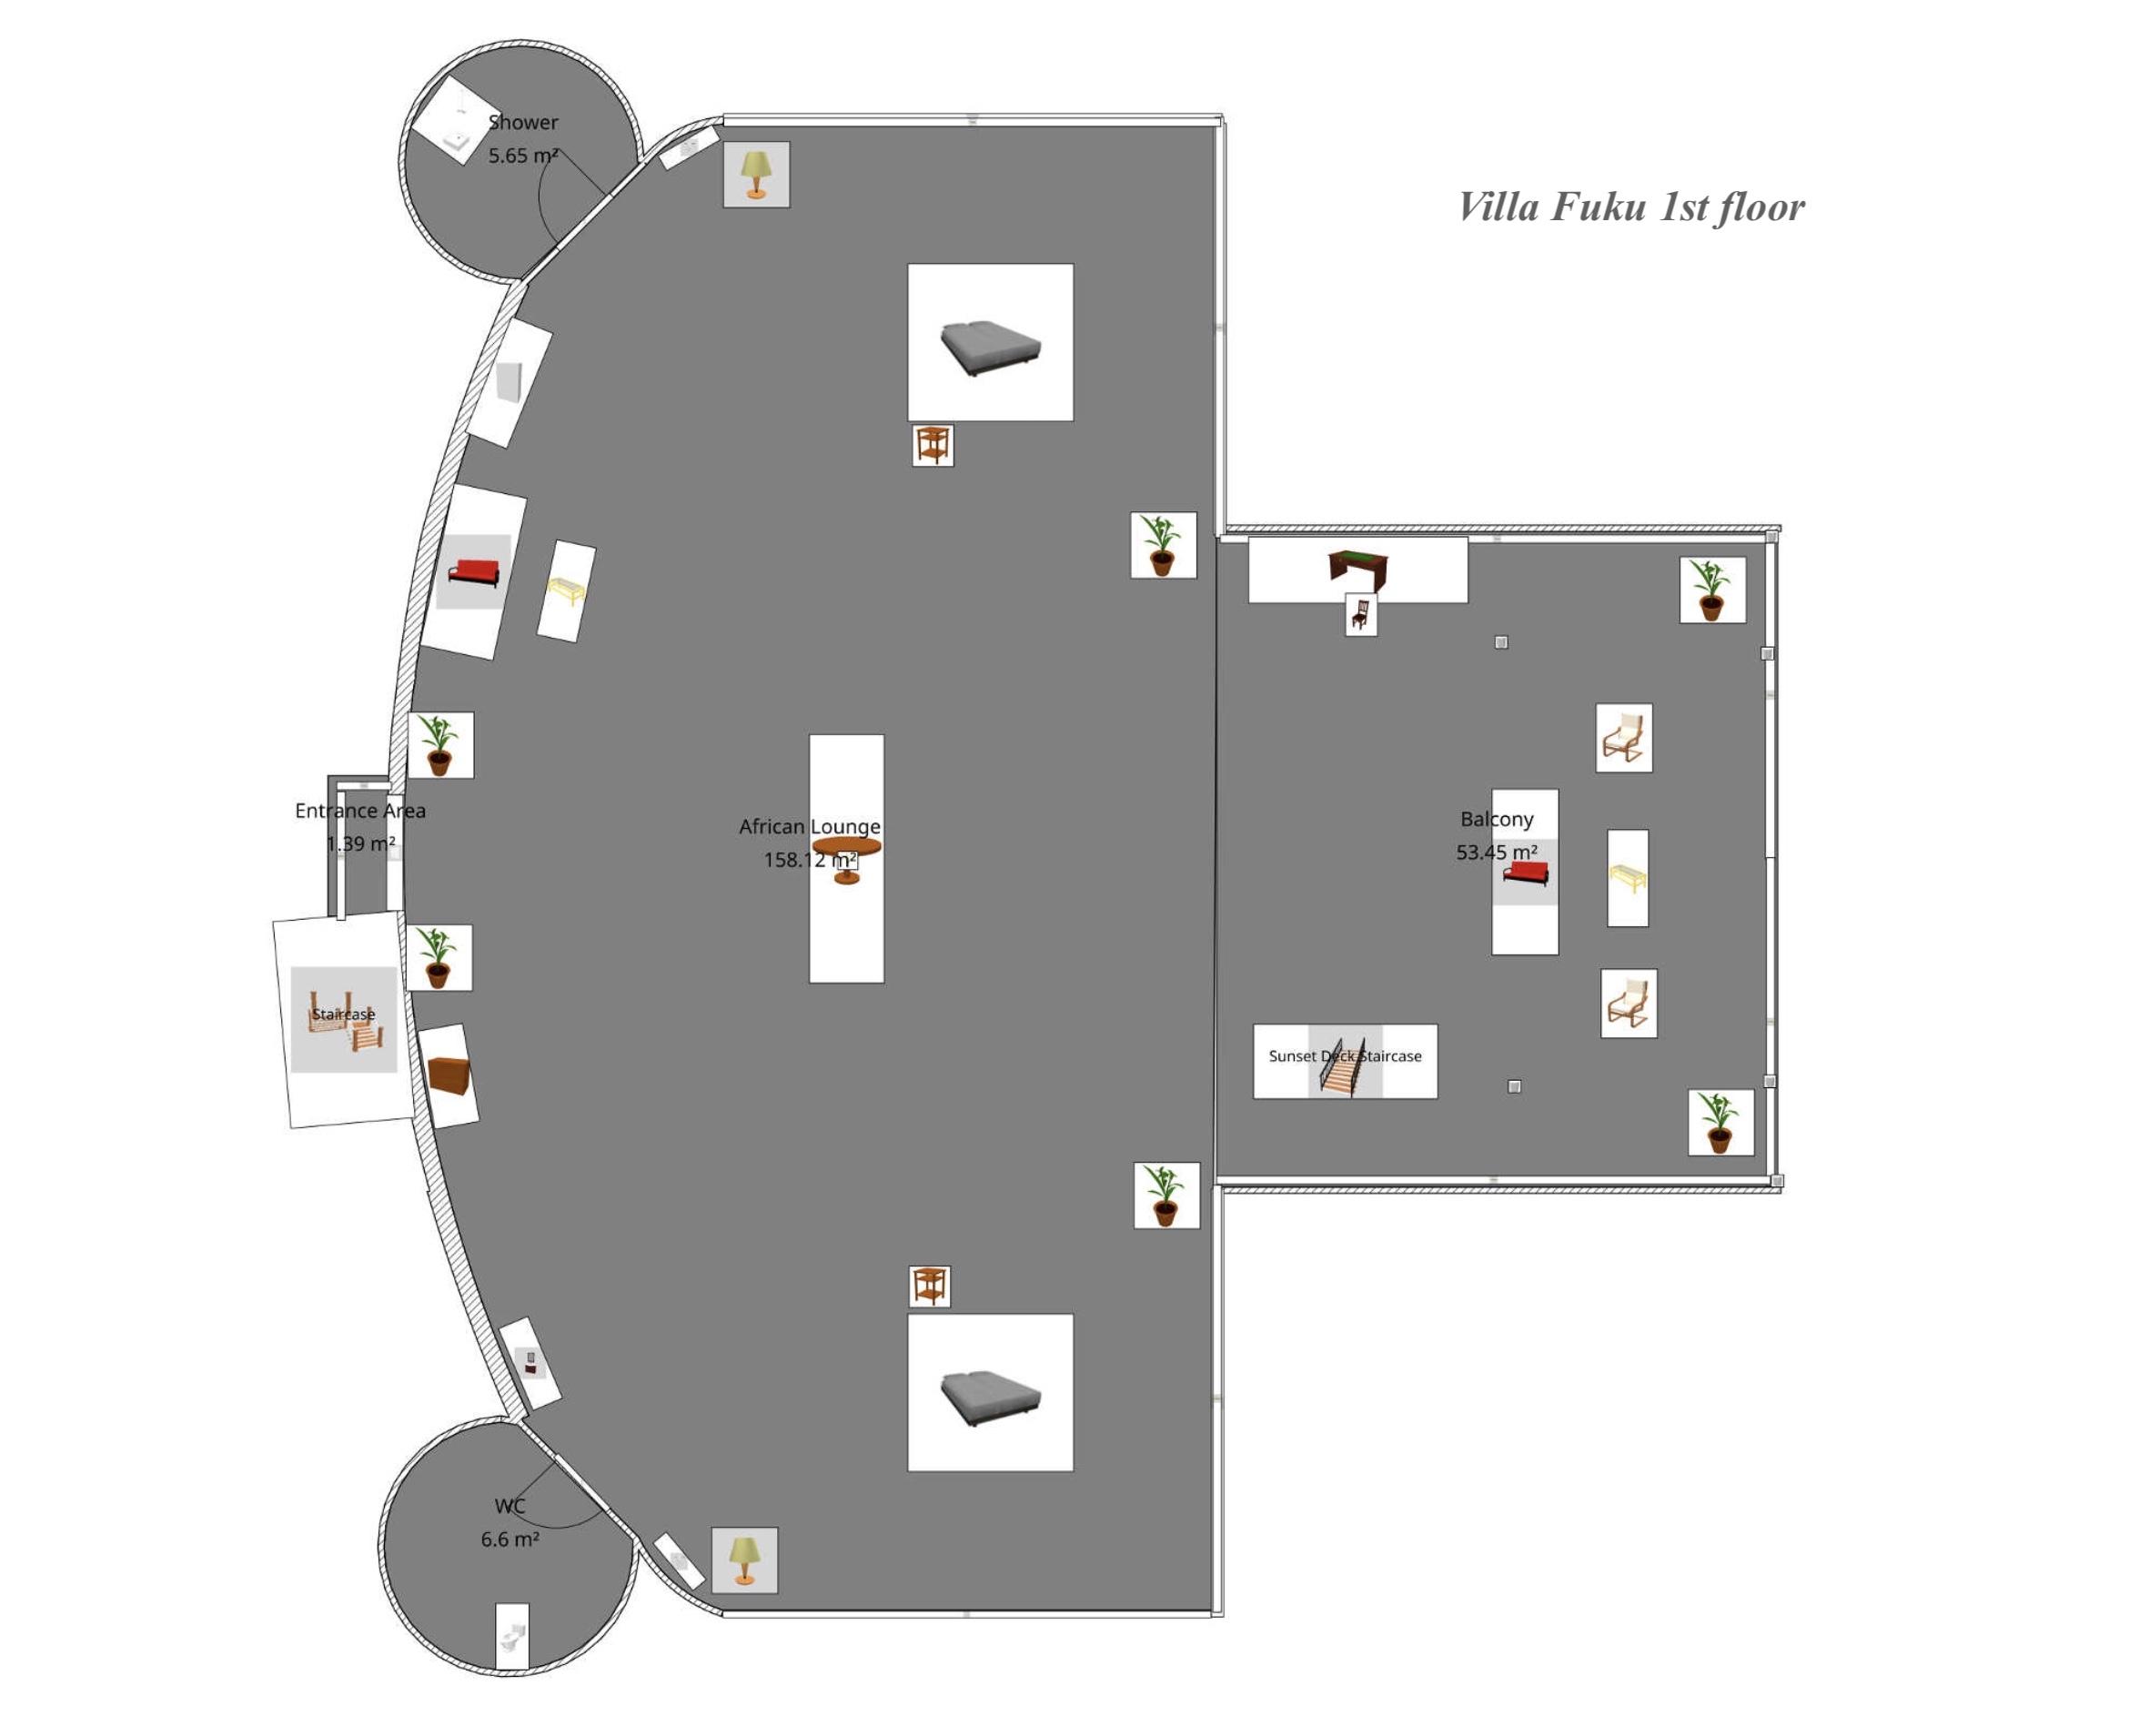 Villa Fuku 1st Floor